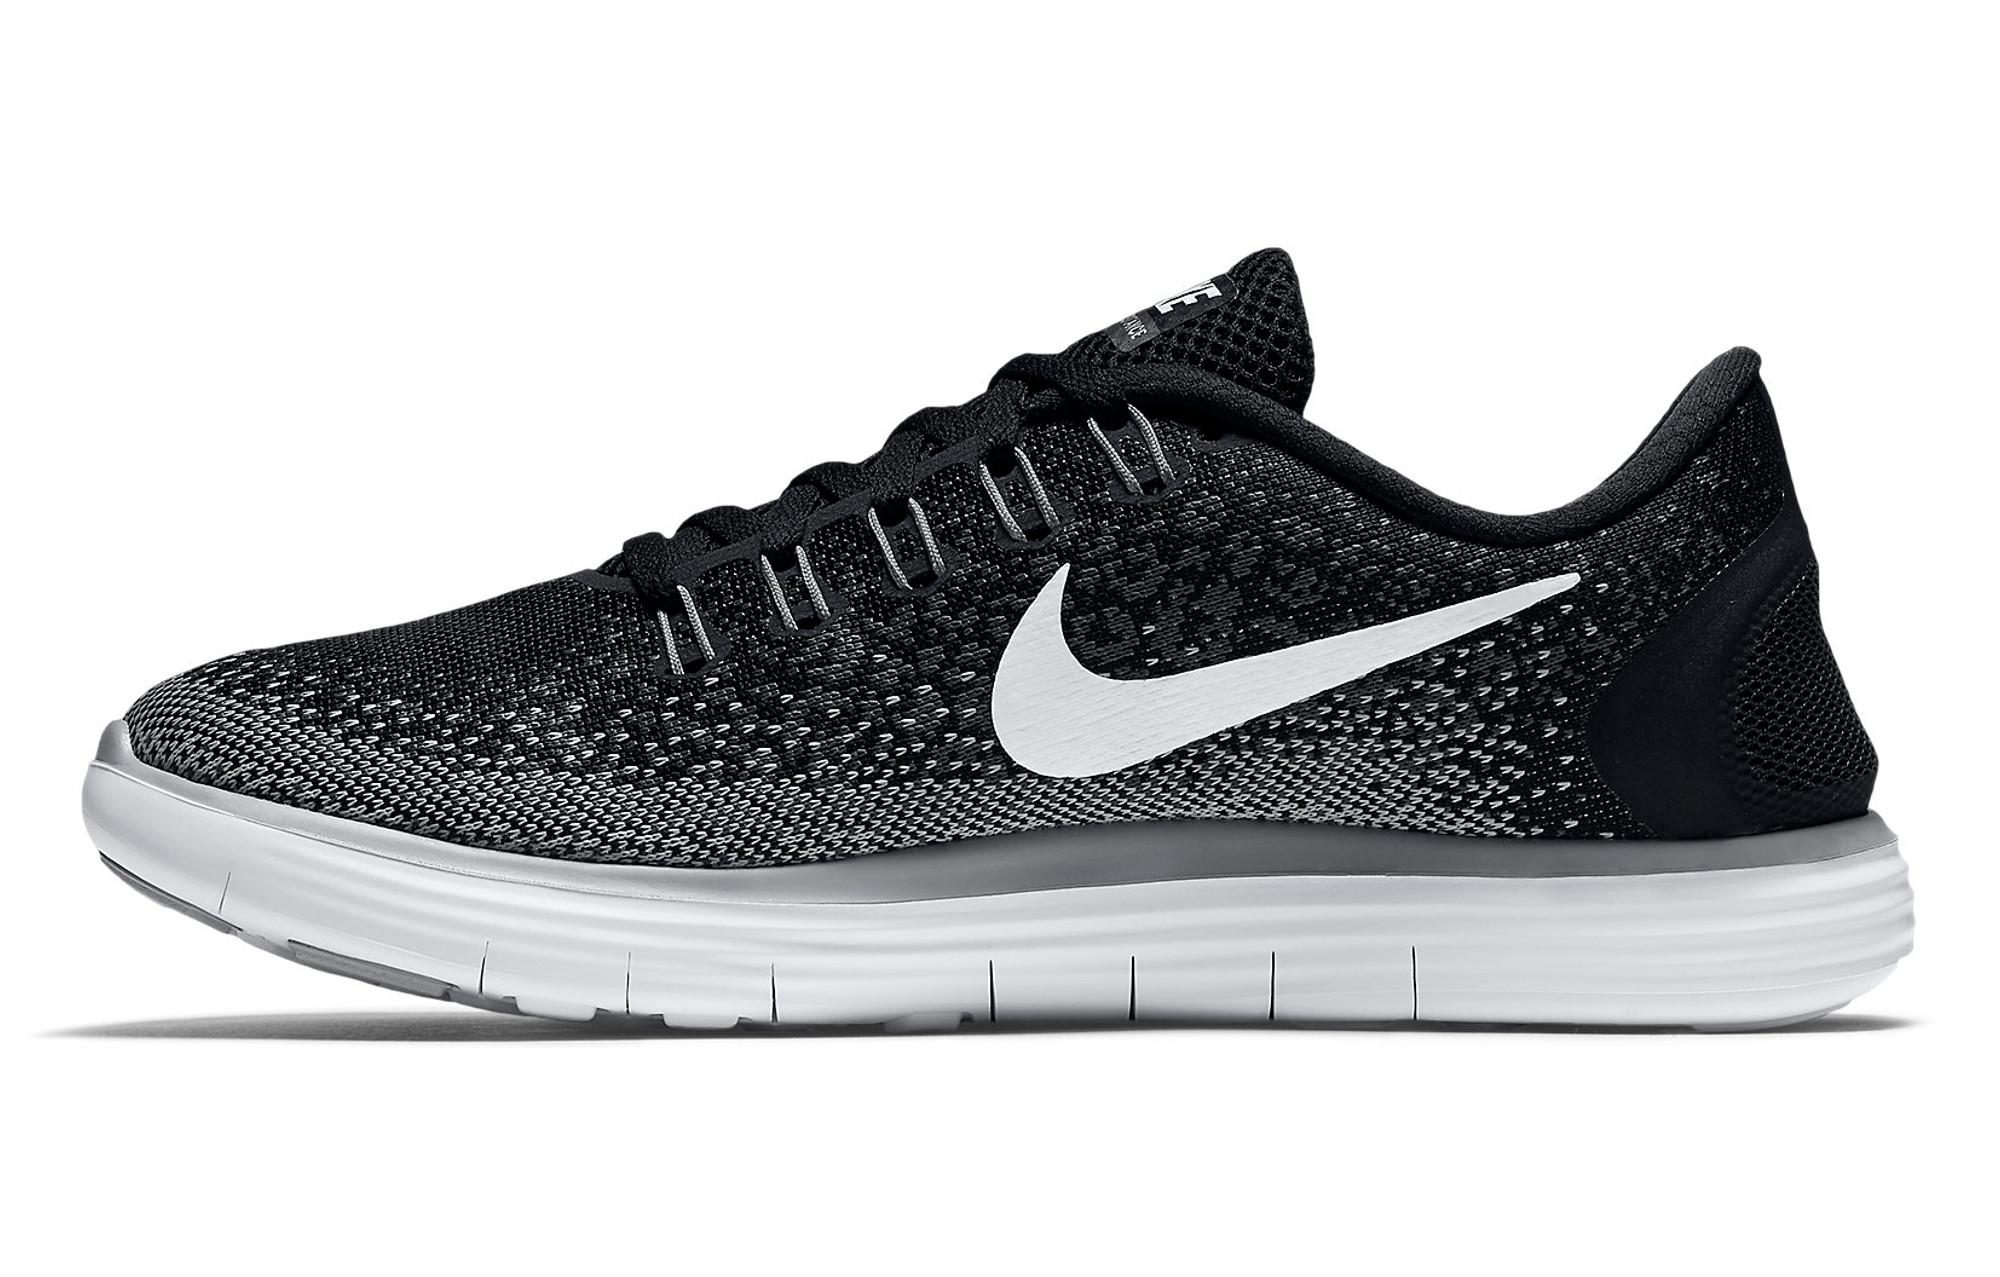 new product 14f5a aa231 Chaussures de Running Femme Nike FREE RUN DISTANCE Noir